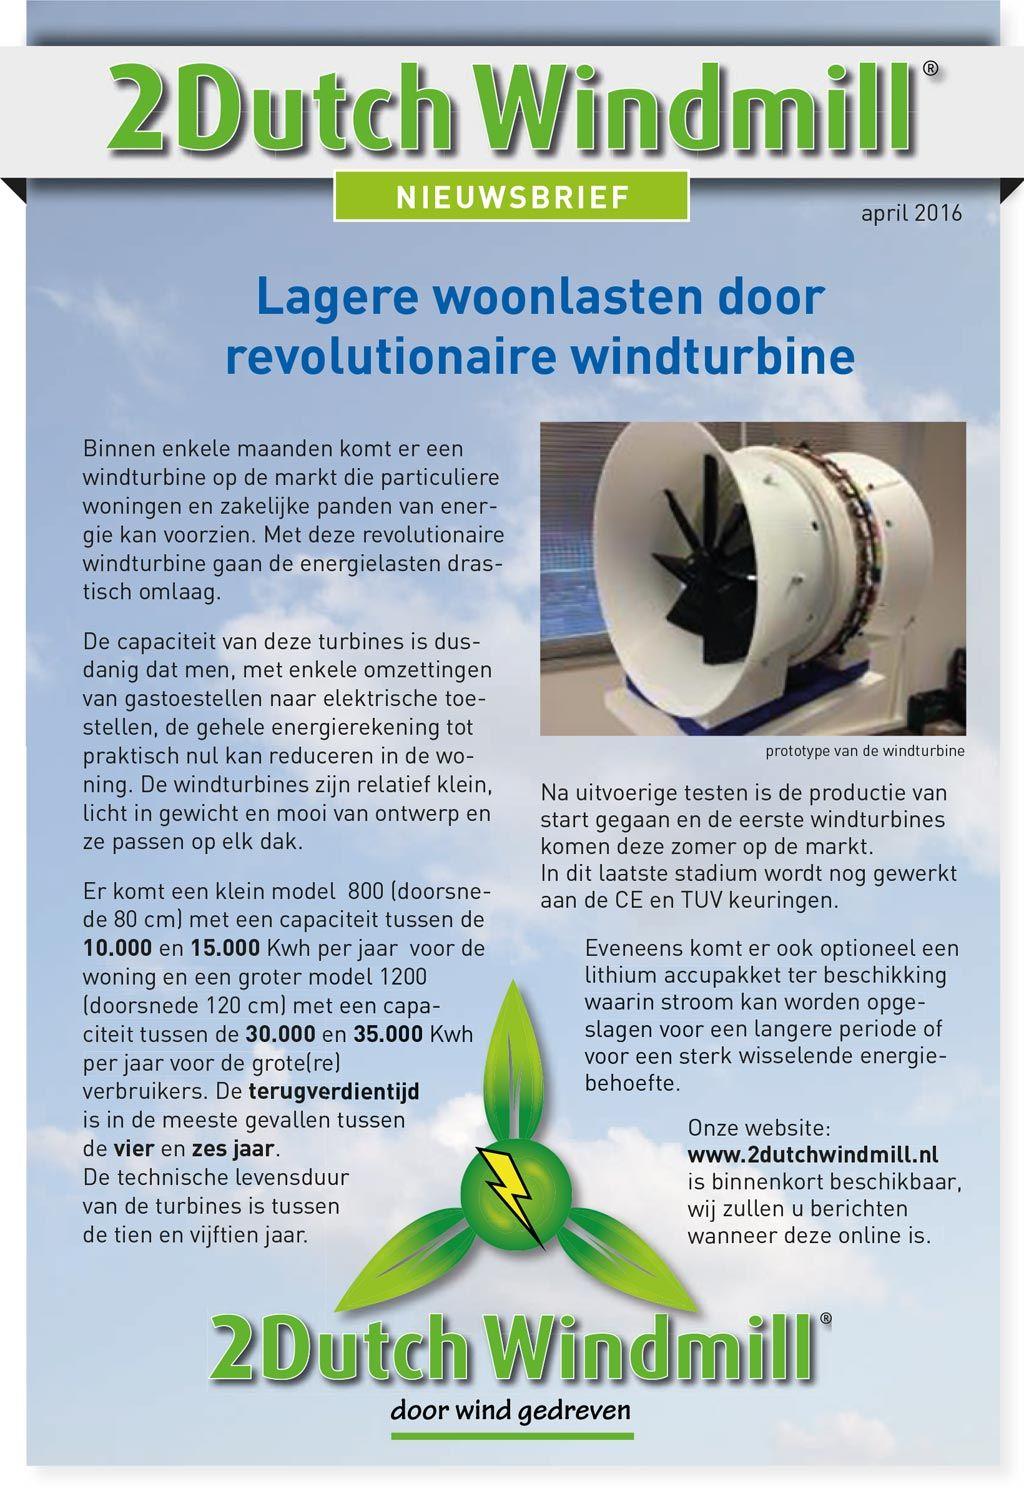 2DutchWindmill® - Voor de Wind | Energie besparen / opwekken ...